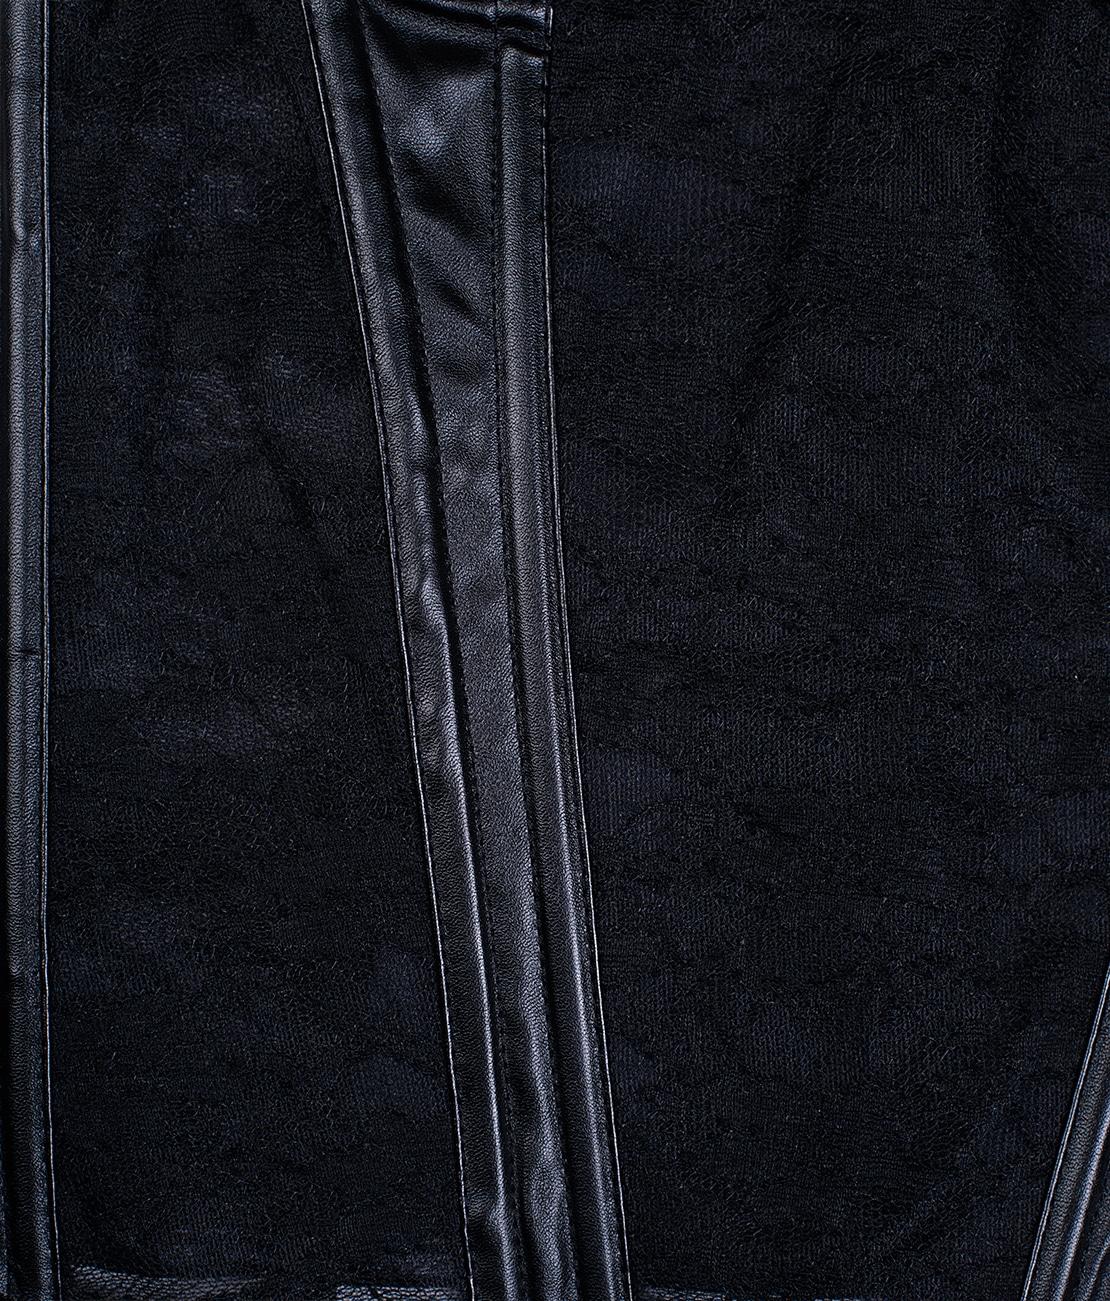 La Guepiere packshot Detail 3